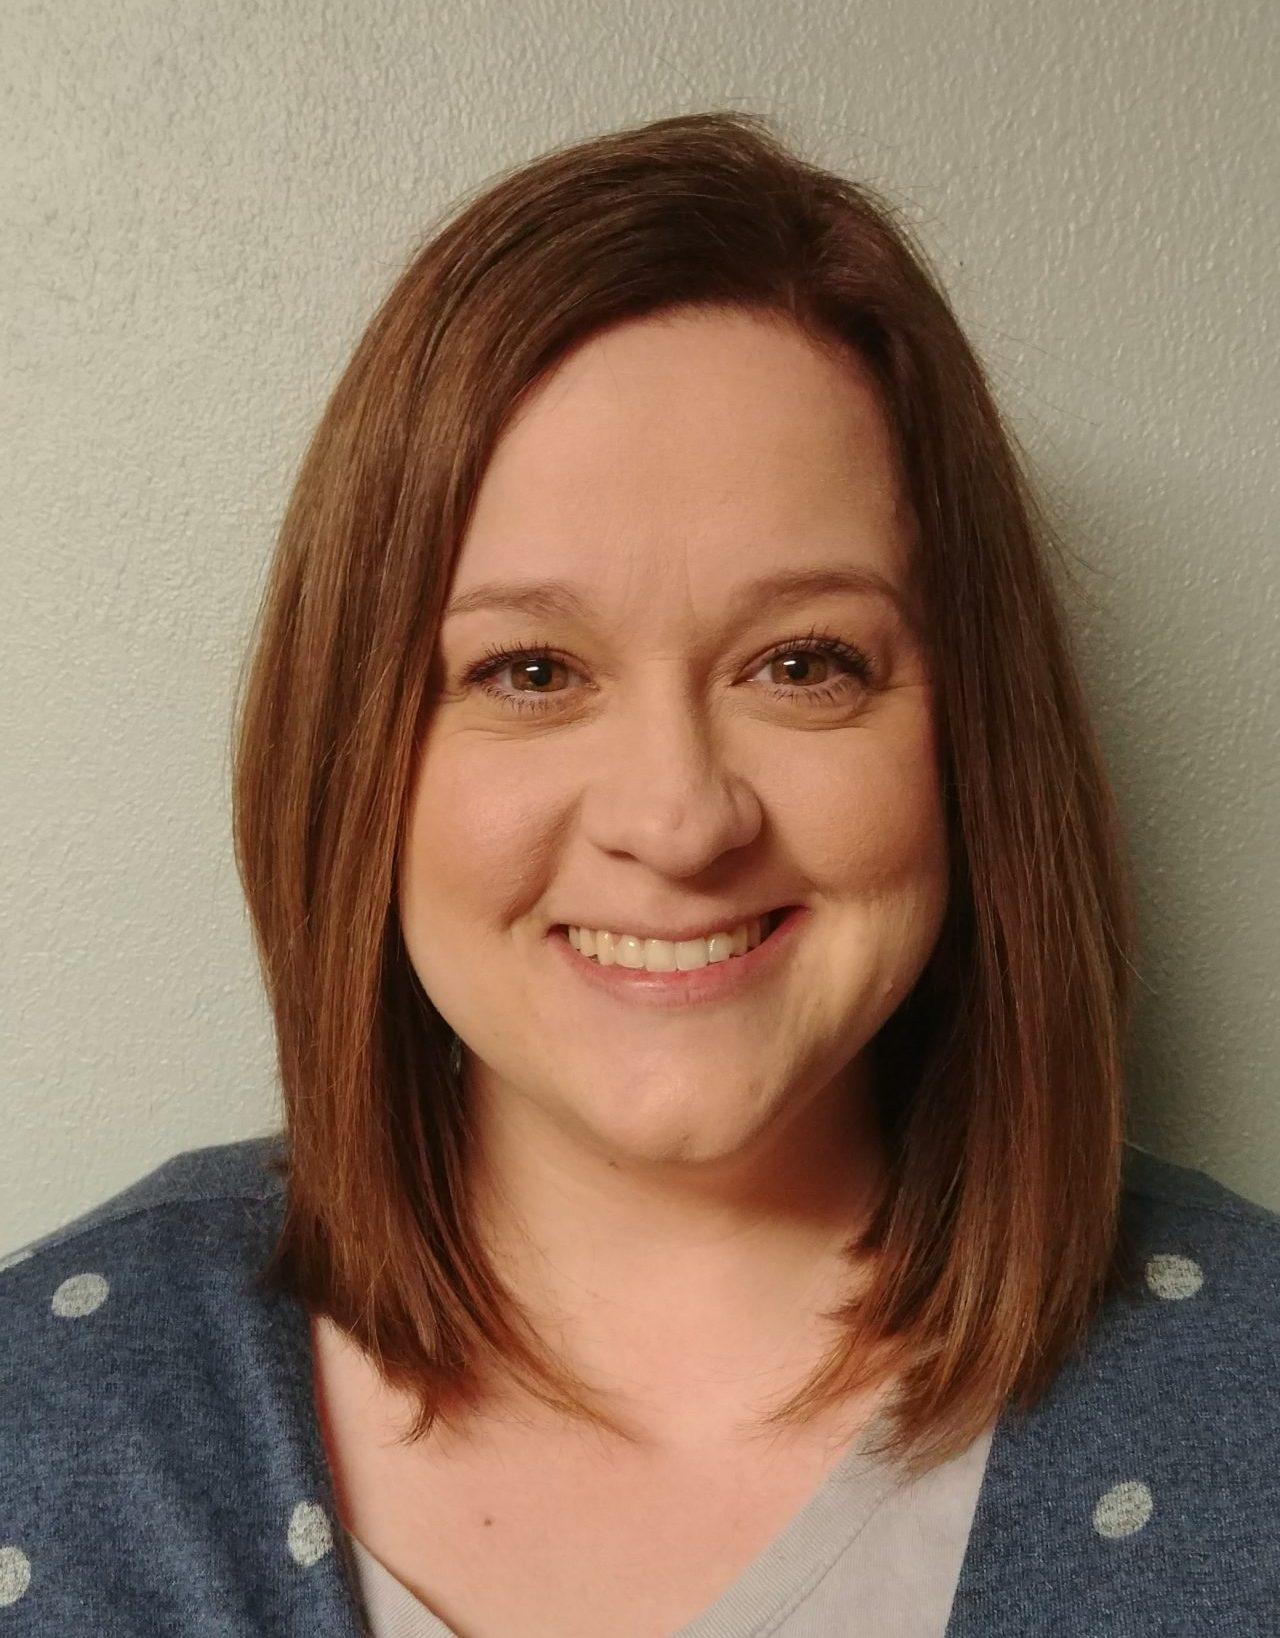 Kristin Wendell